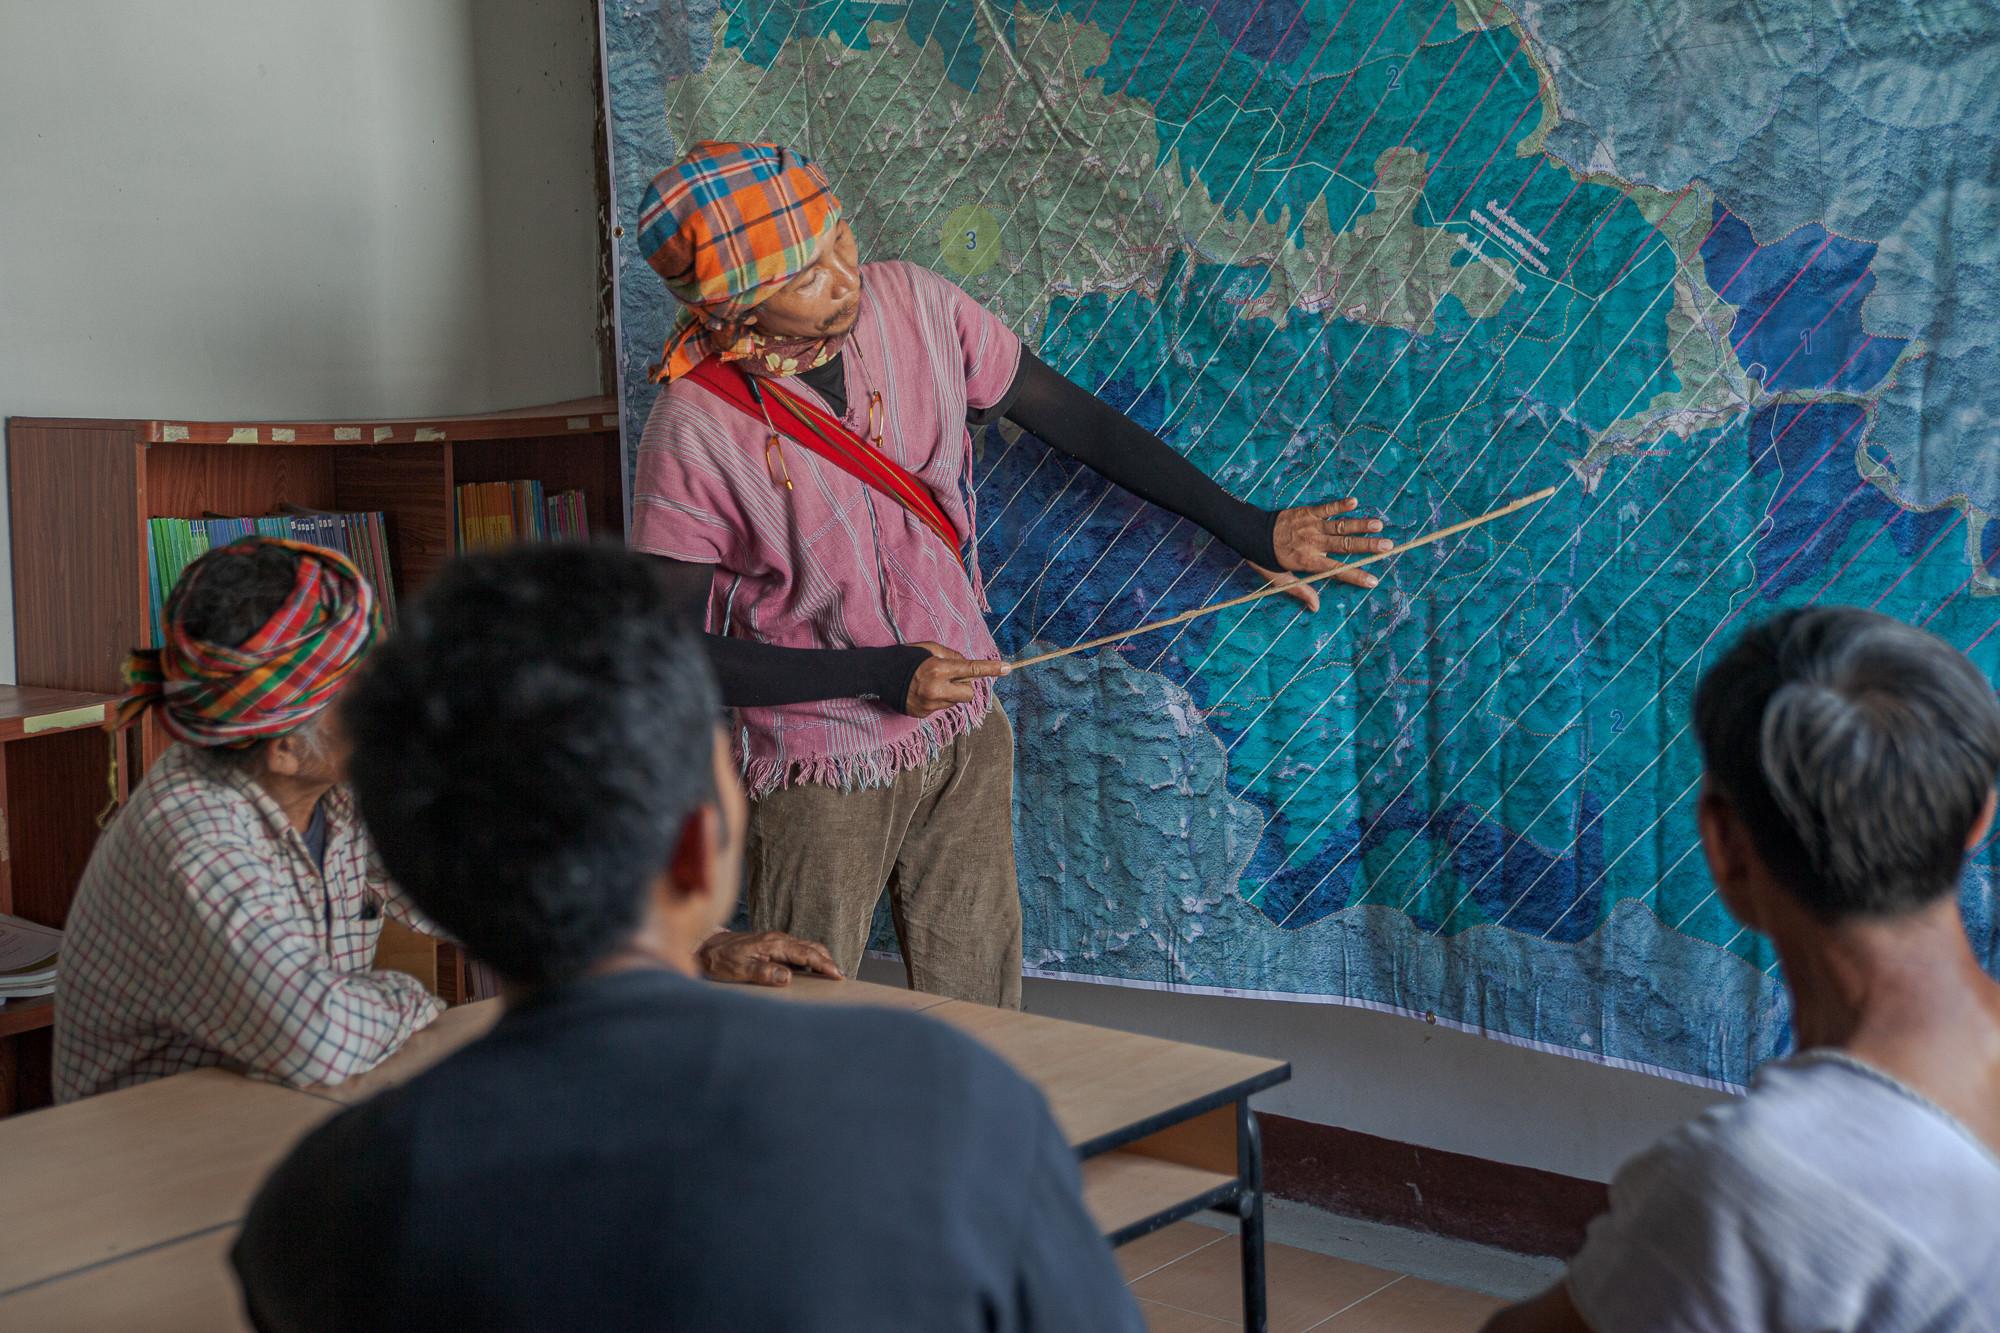 พฤ โอโดเชา ขณะอธิบายแนวเขตพื้นที่ความรับผิดชอบในการดับไฟป่าของชาวบ้าน ภาพถ่ายเมื่อ 7 พ.ค. 63 (ที่มา: ณัฐชานันท์ กล้าหาญ)